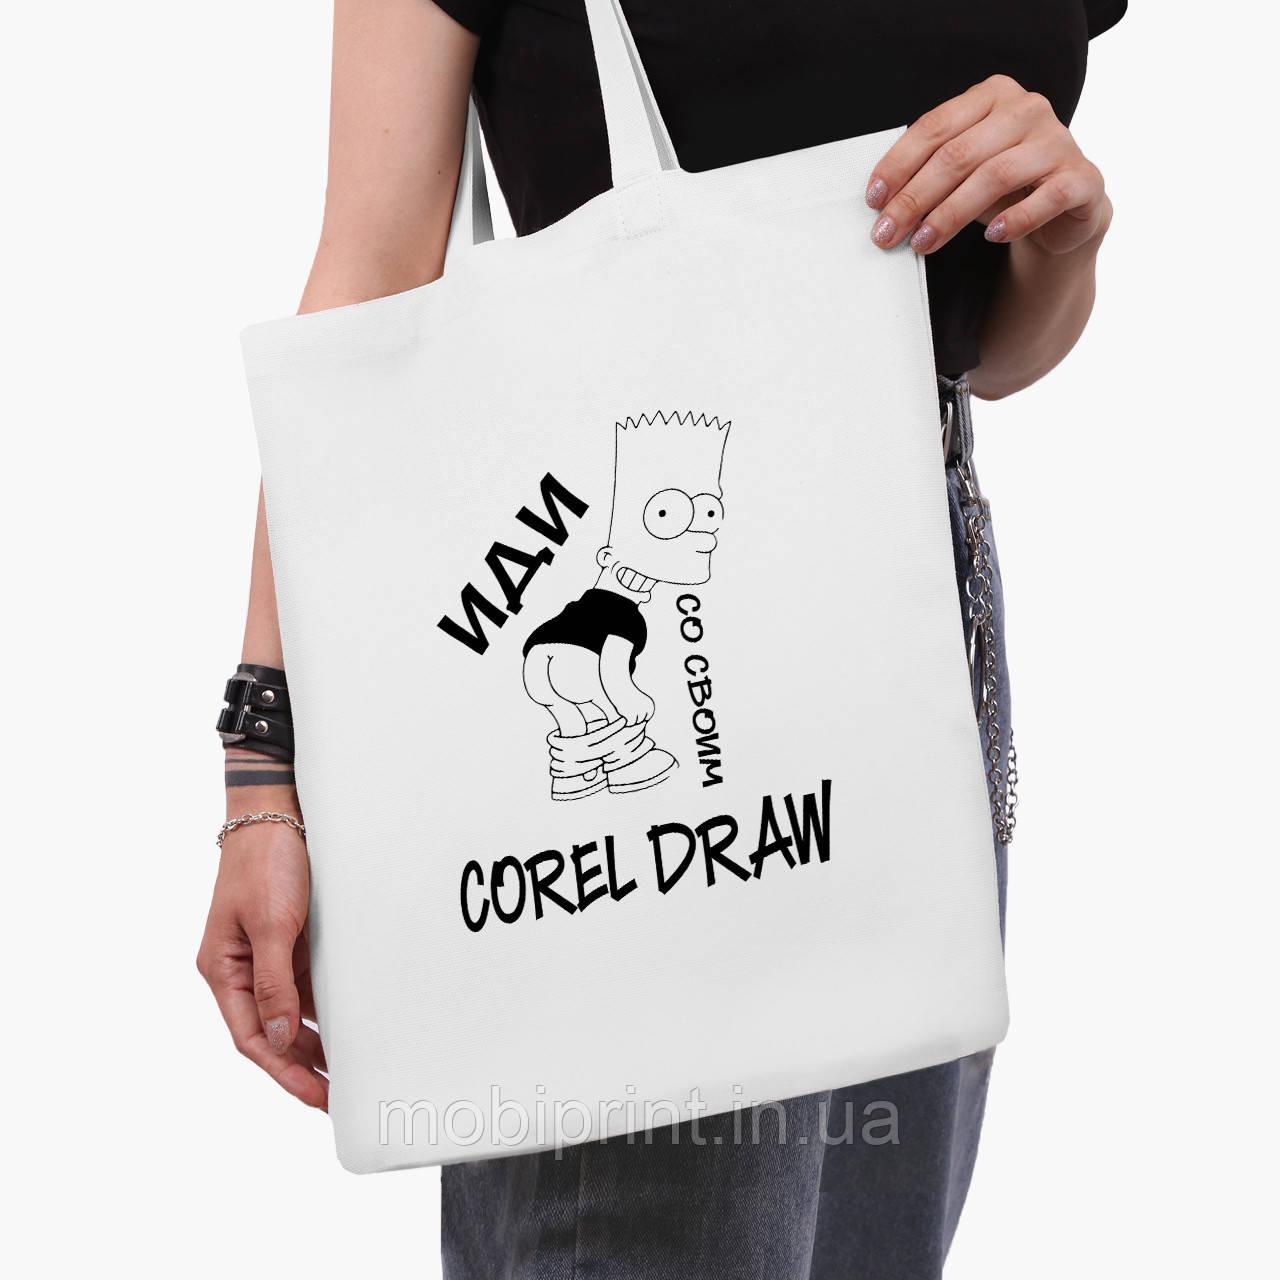 Еко сумка шоппер біла Іди зі свої Corel Draw (9227-1551-3) 41*35 см